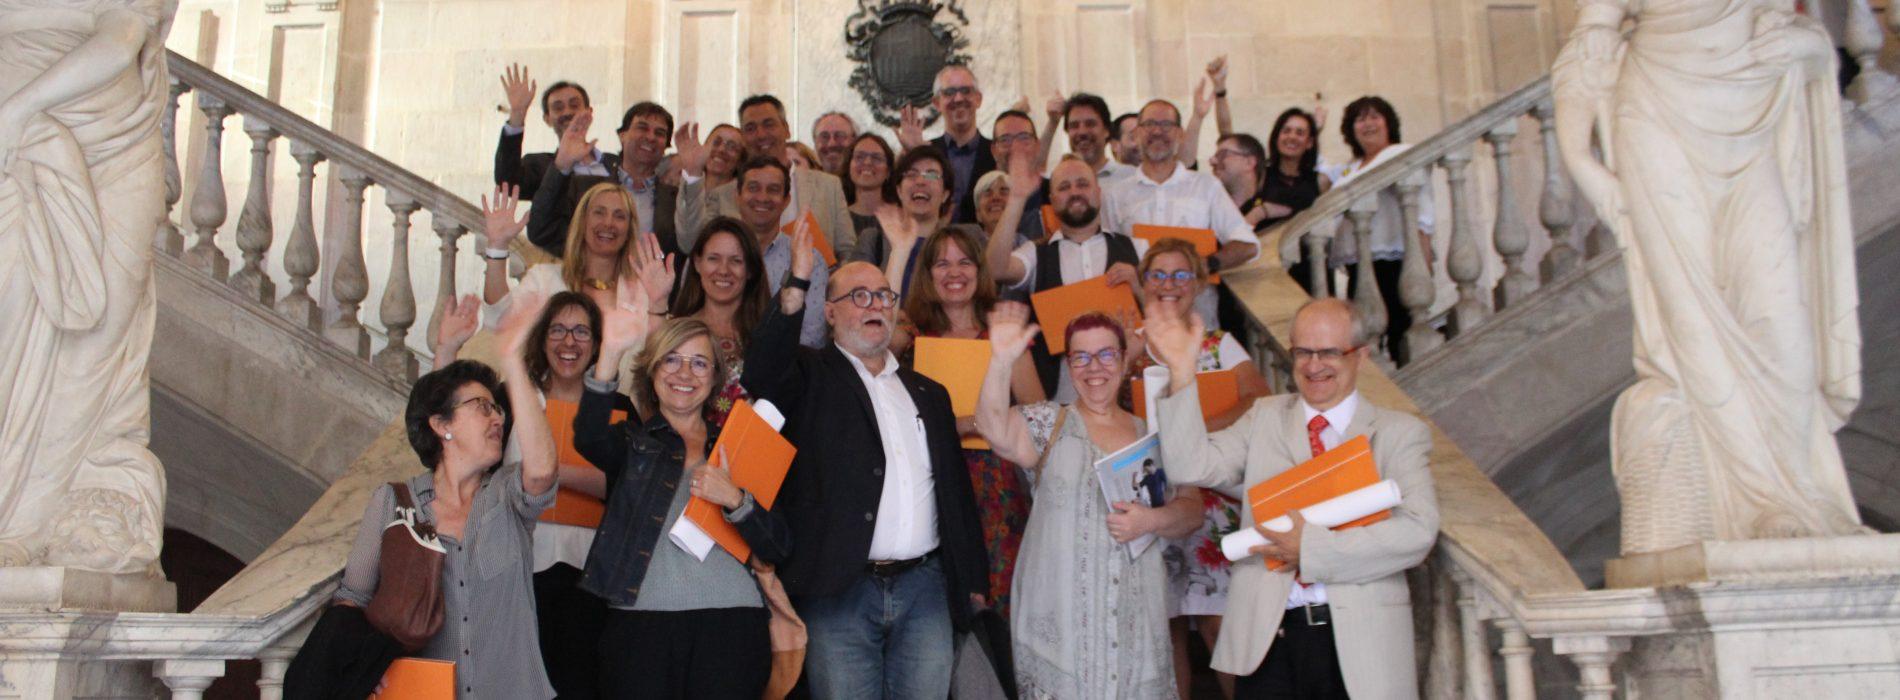 Les pimes compromeses han de transmetre als joves la passió d'emprendre des d'un model de gestió responsable, afirma Joaquim Ferrer, secretari d'Empresa i Competitivitat